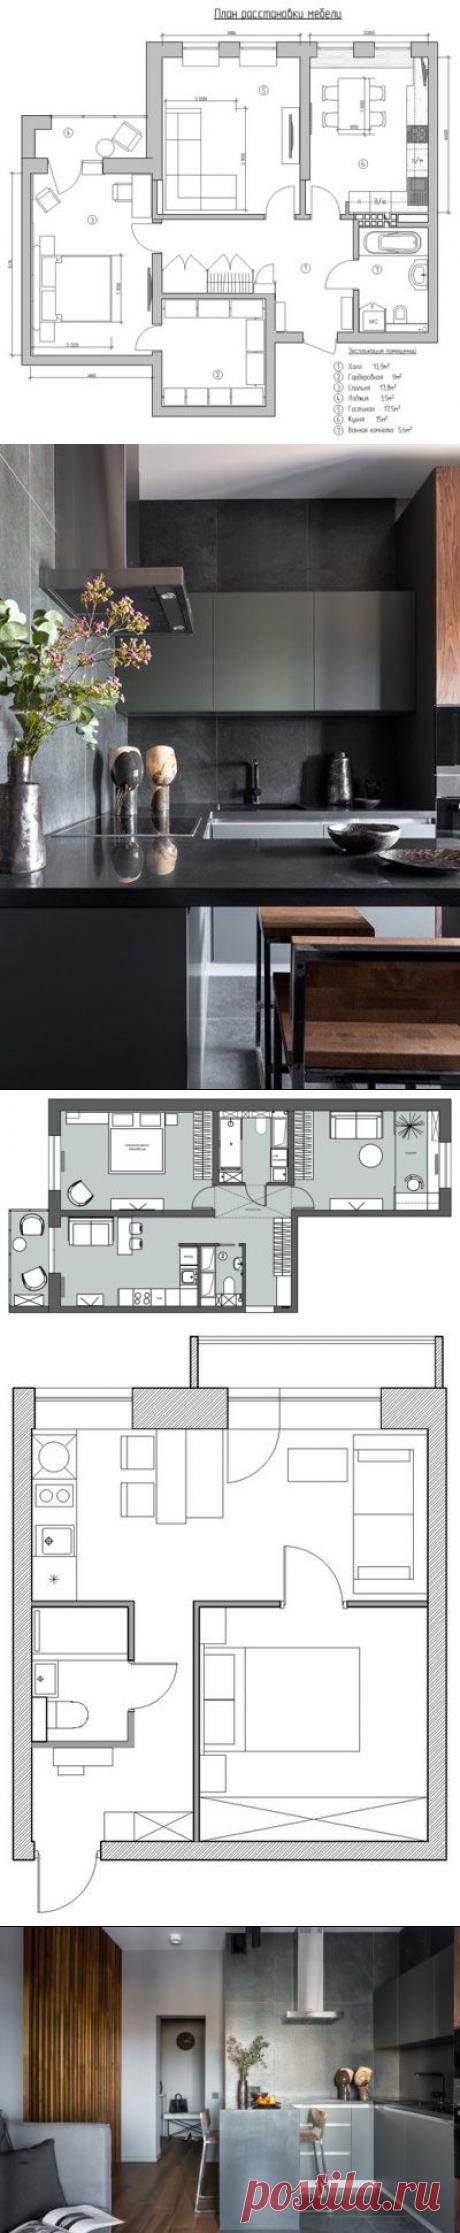 Дизайн кухни 15 кв метров: проекты и фото интерьера кухни 15 метров с диваном, барной стойкий, кухни-гостиной и другие варианты